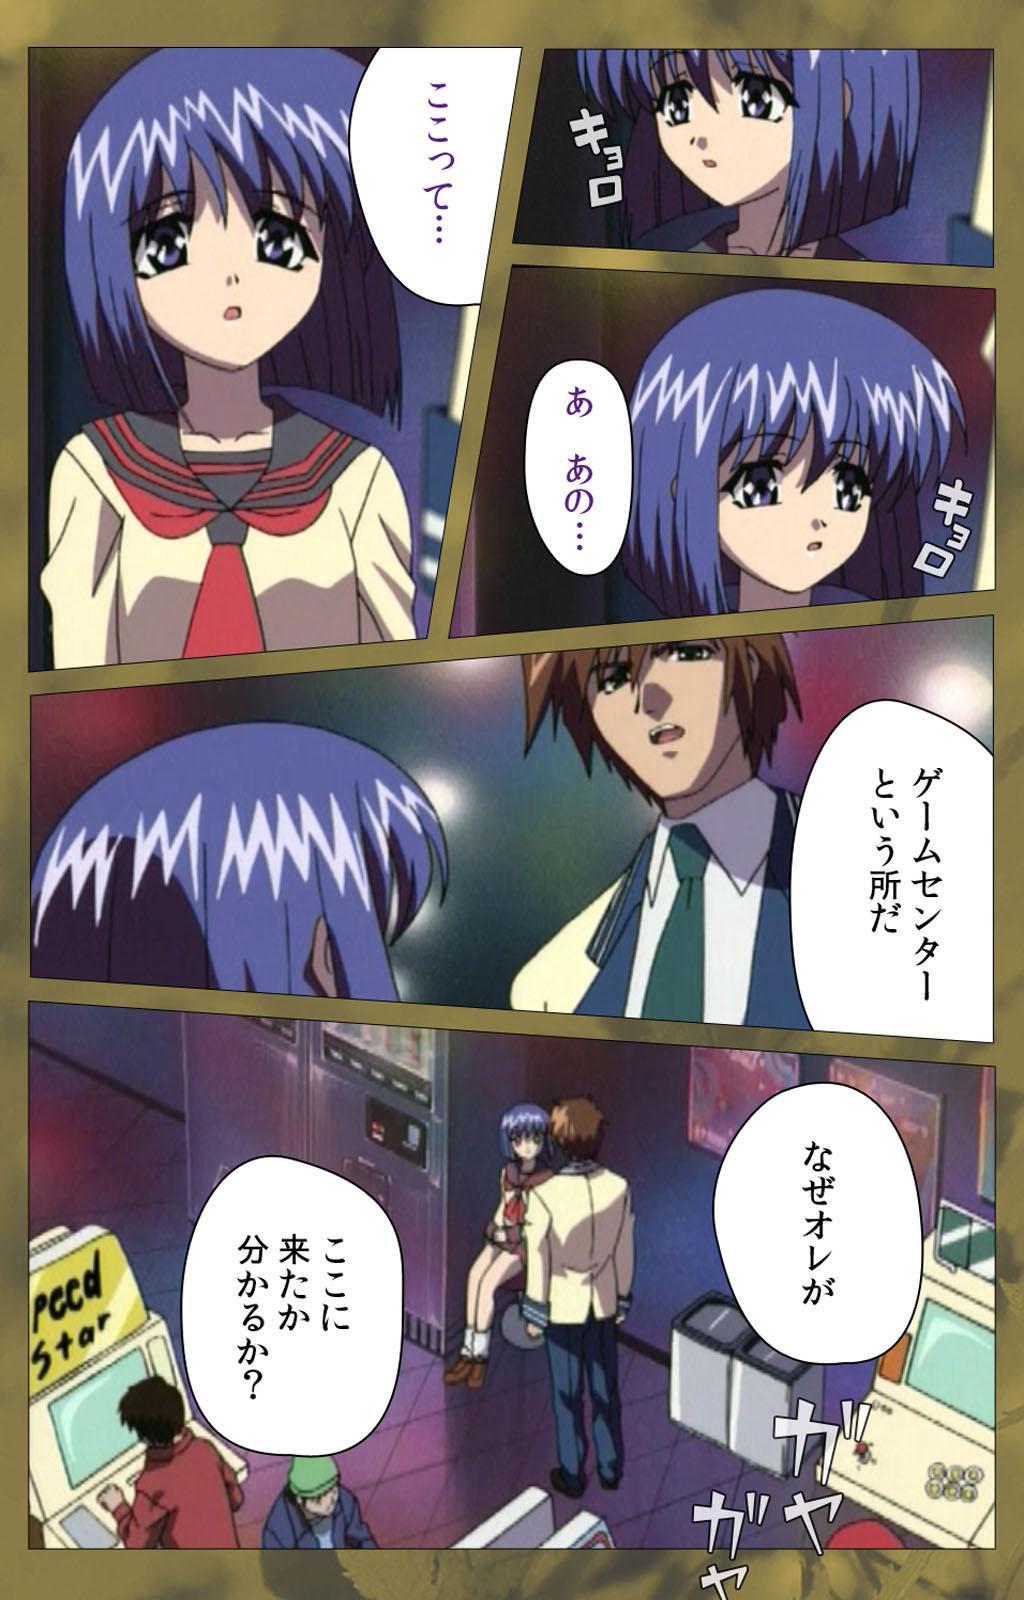 'watashi ningyo jaarimasen' kanzenhan 403